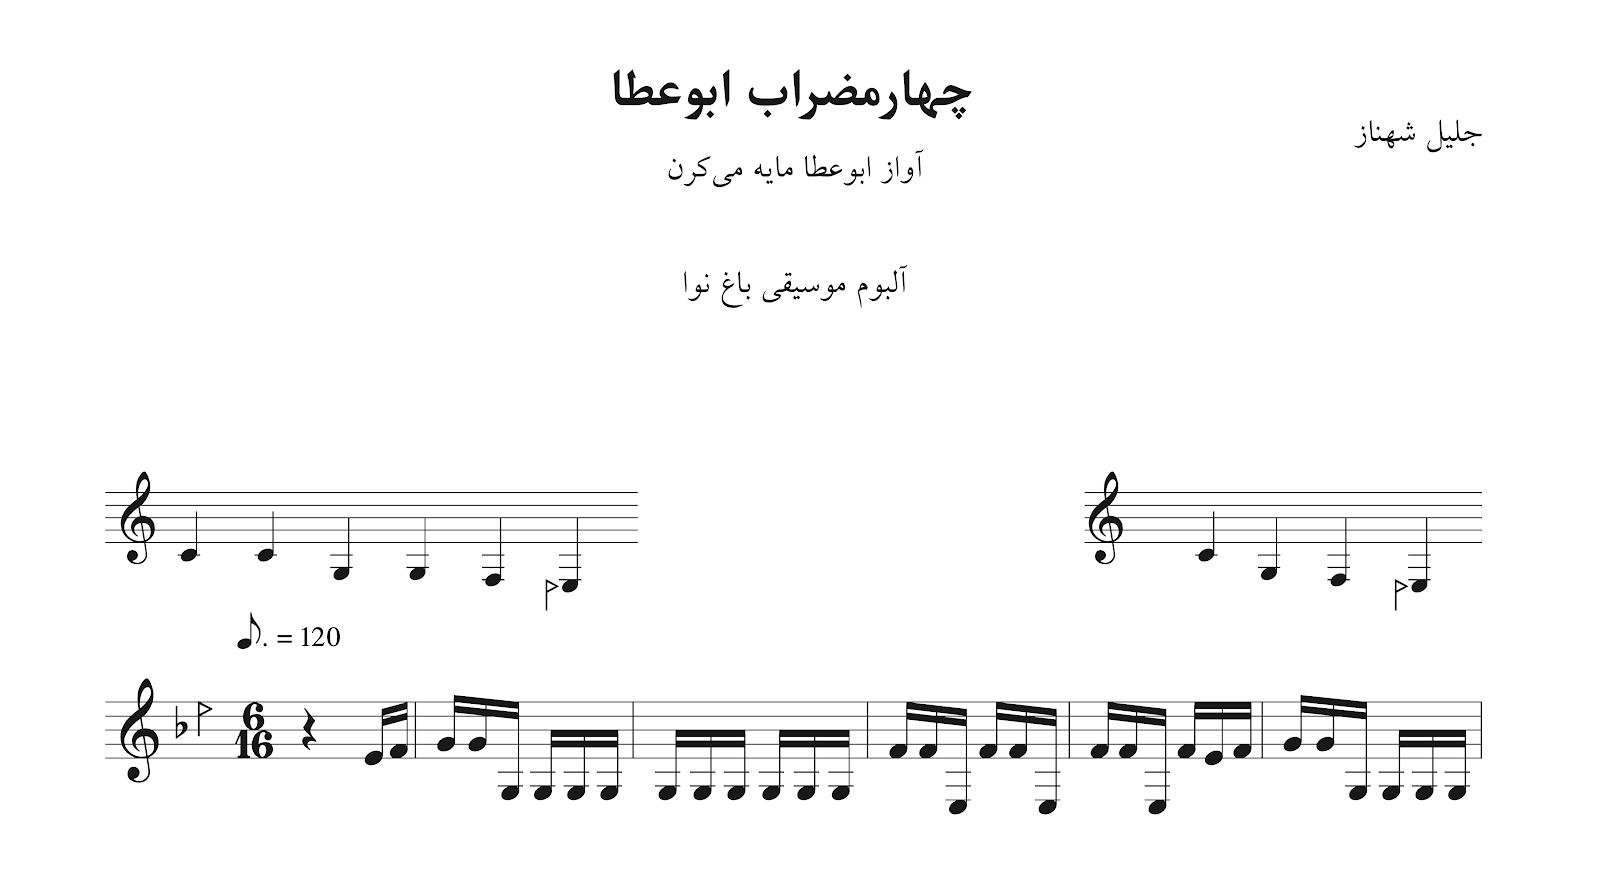 نت چهارمضراب ابوعطا میکرن جلیل شهناز آلبوم باغ نوا